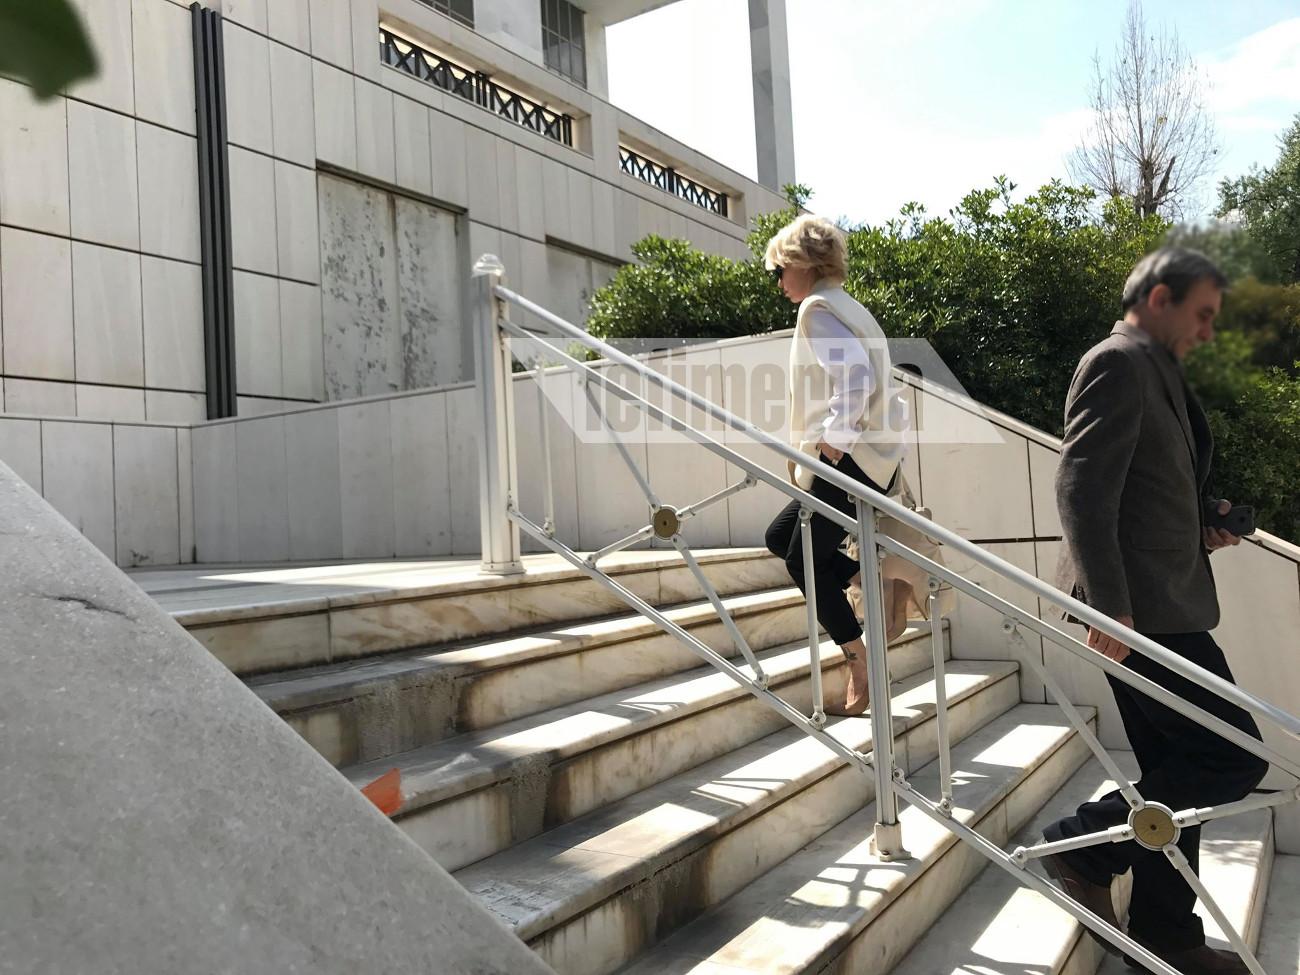 Στα σκαλιά του Εφετείου για να βρεθεί στο πλευρό του Αλέξανδρου Λυκουρέζου η Νατάσα Καλογρίδη